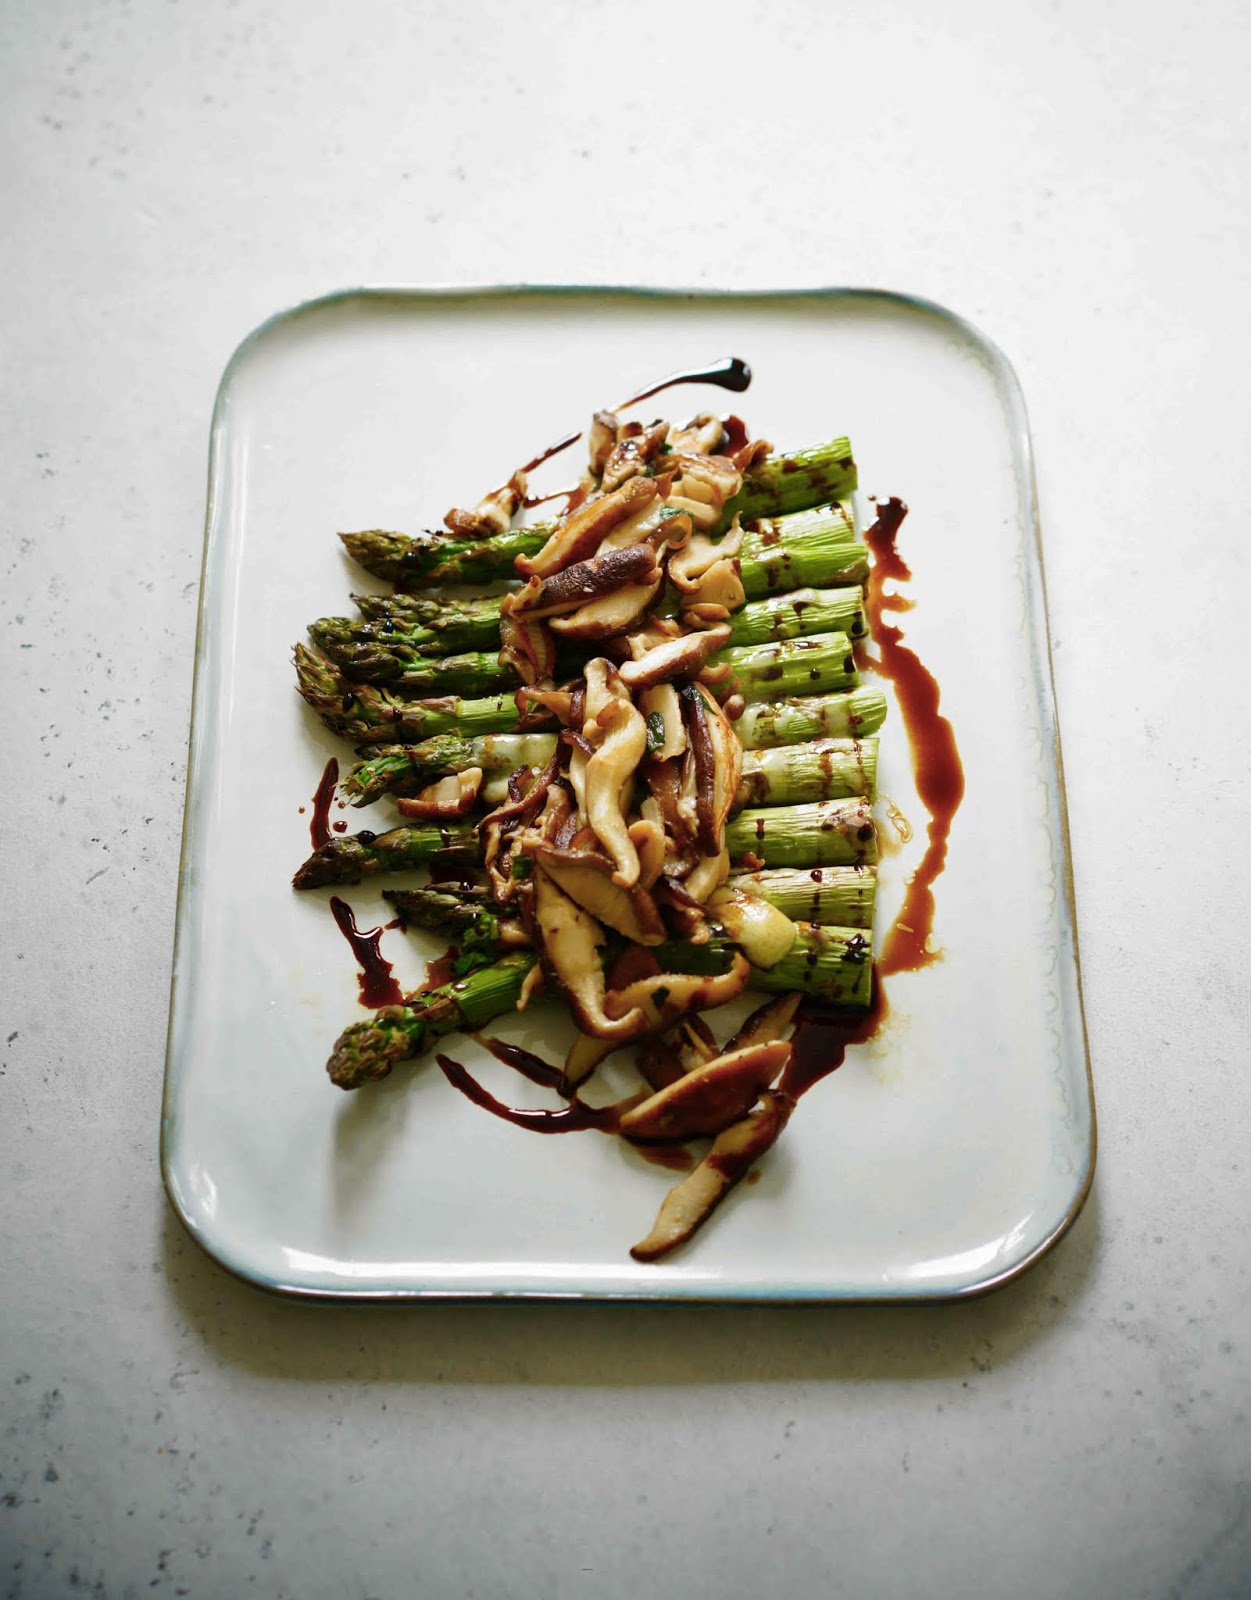 cuisson au four pour les asperges , asperges françaises , comté , shitake , ail des ours